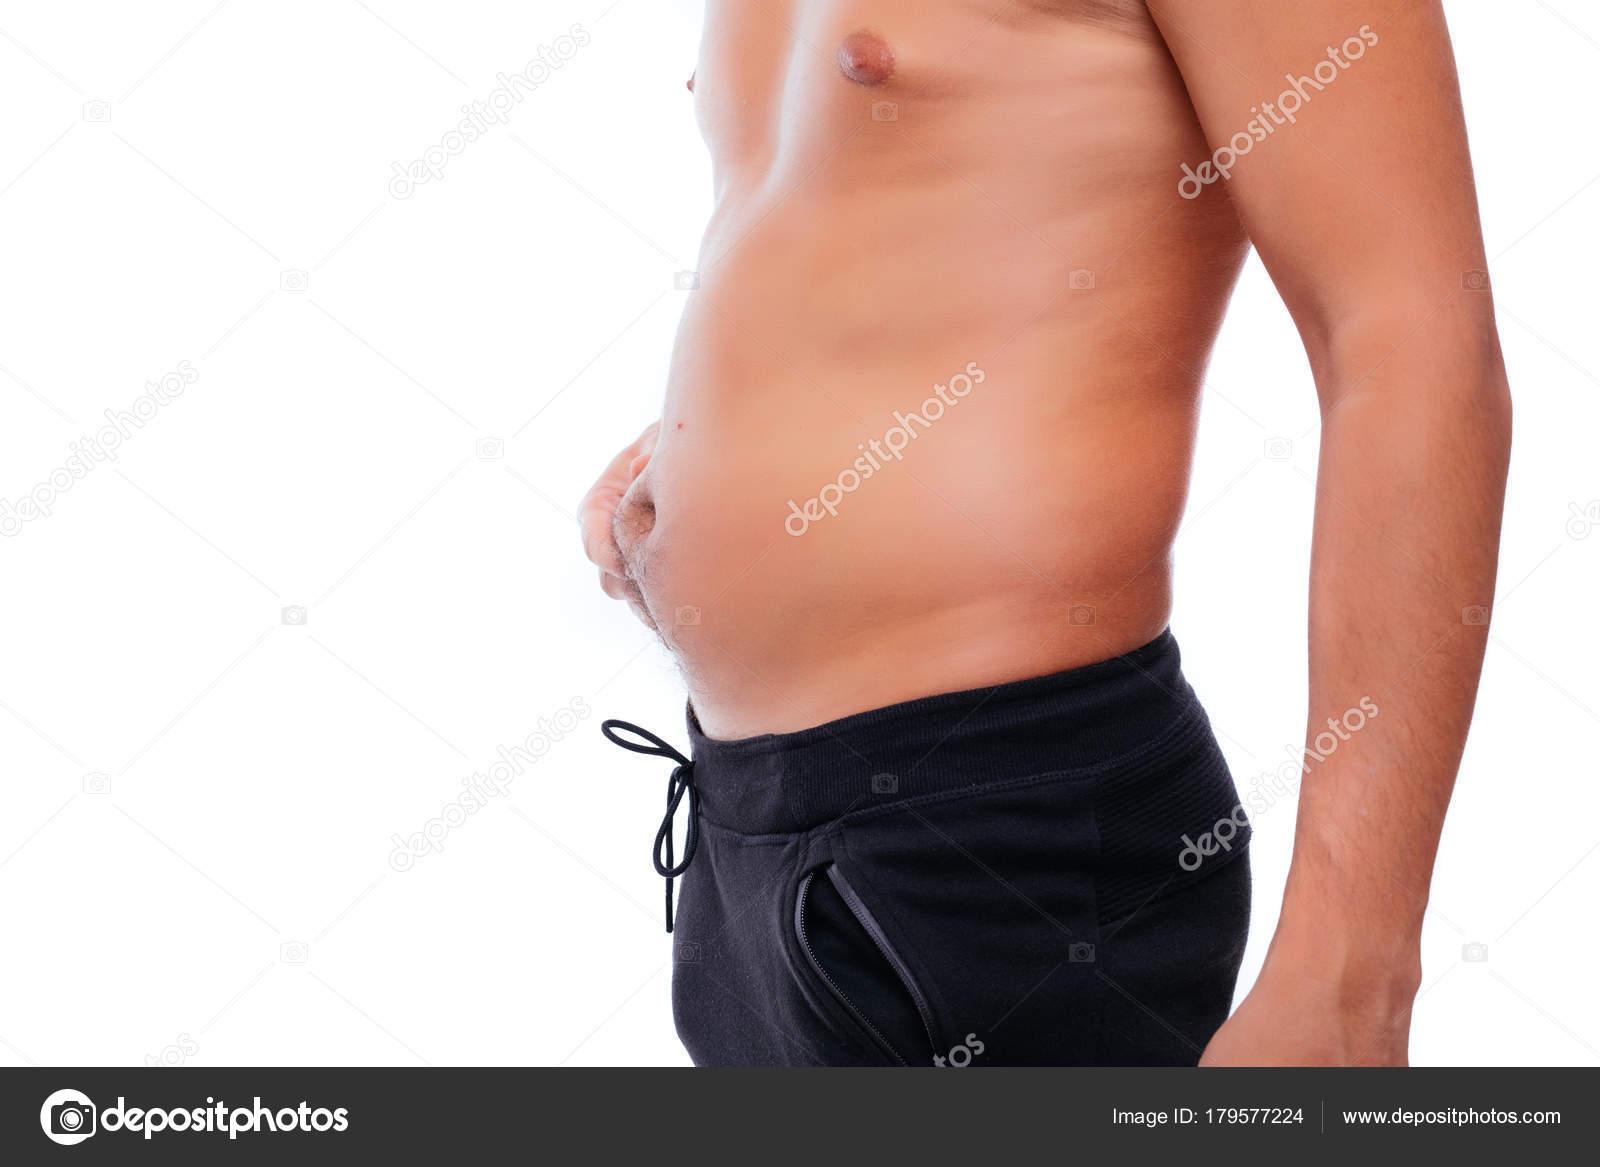 Exceso de grasa abdominales